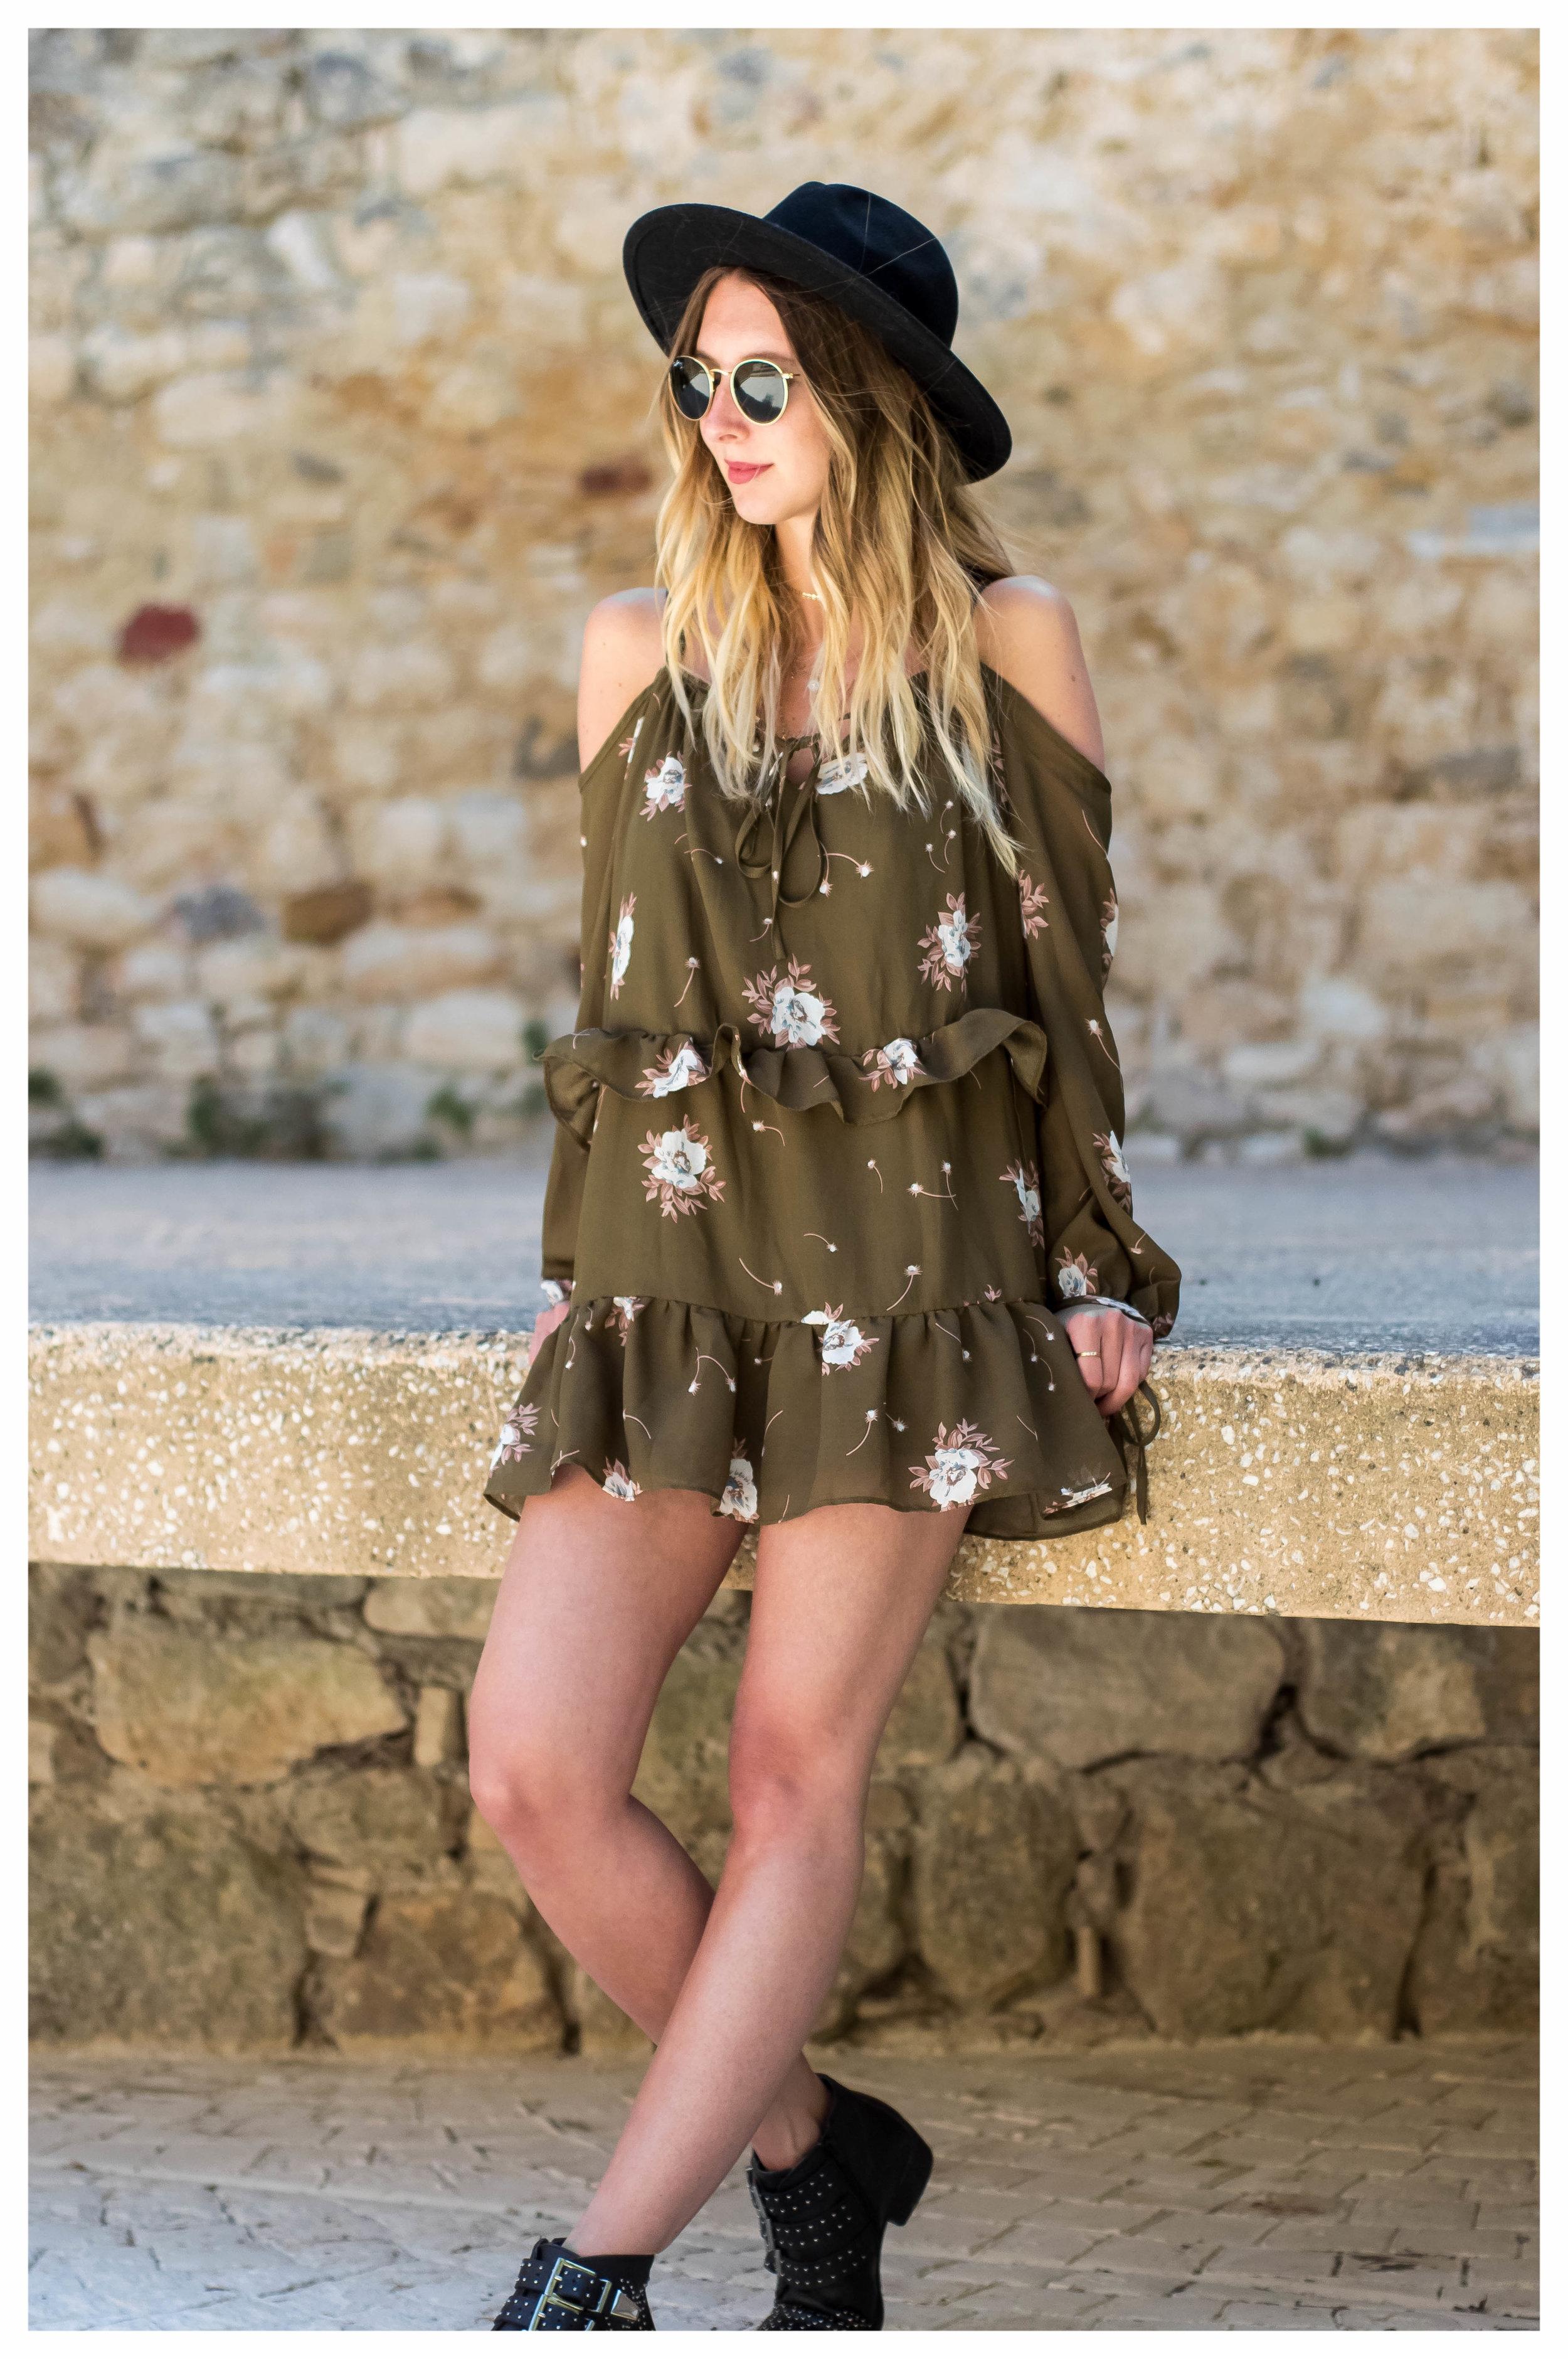 Cornillon Dress June - OSIARAH.COM (13 of 14).jpg